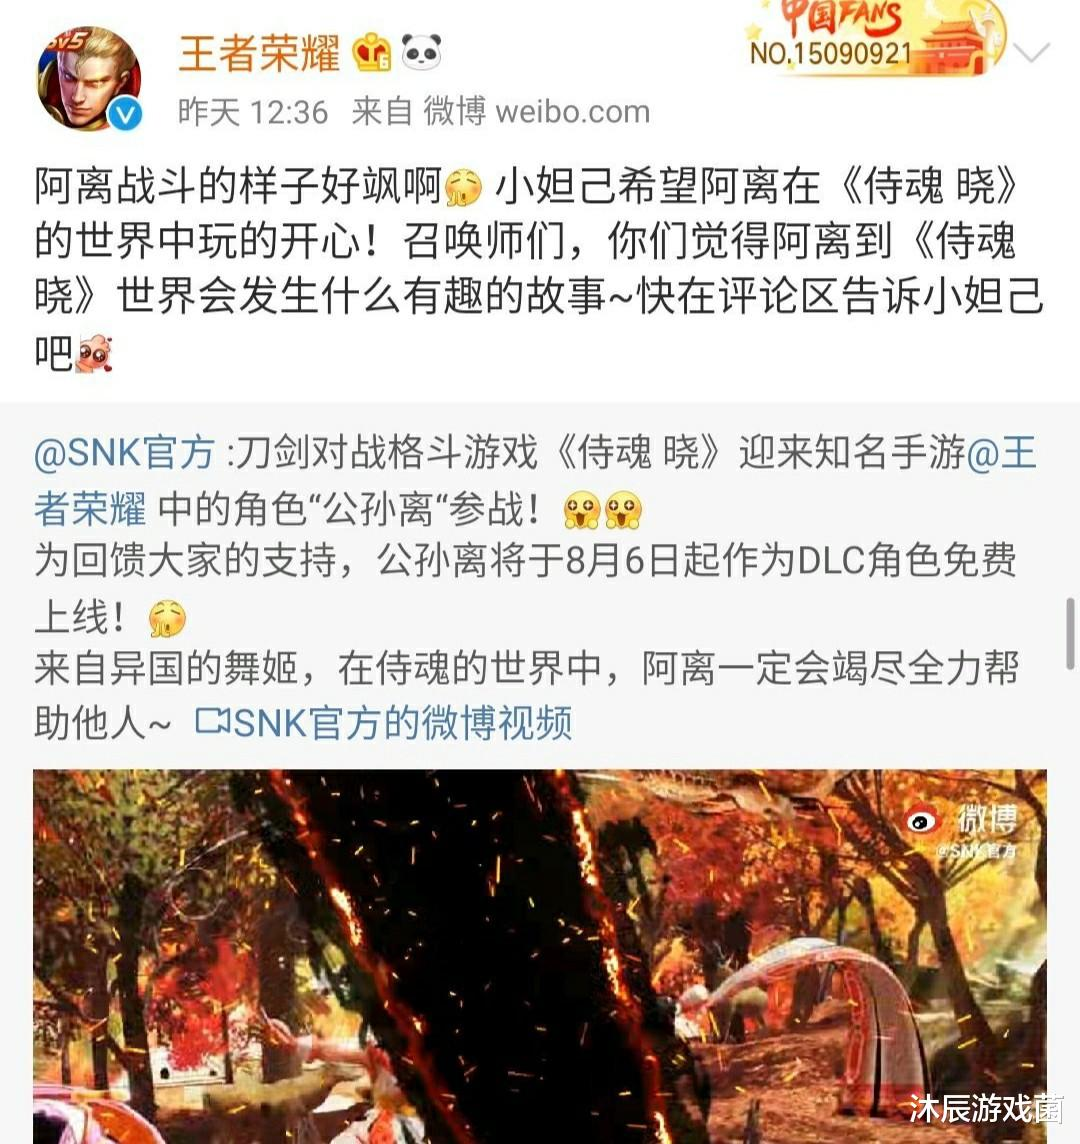 《【煜星娱乐手机版登录】王者荣耀与SNK联动引争议:侍魂晓说日语,公孙离不配说汉语?》